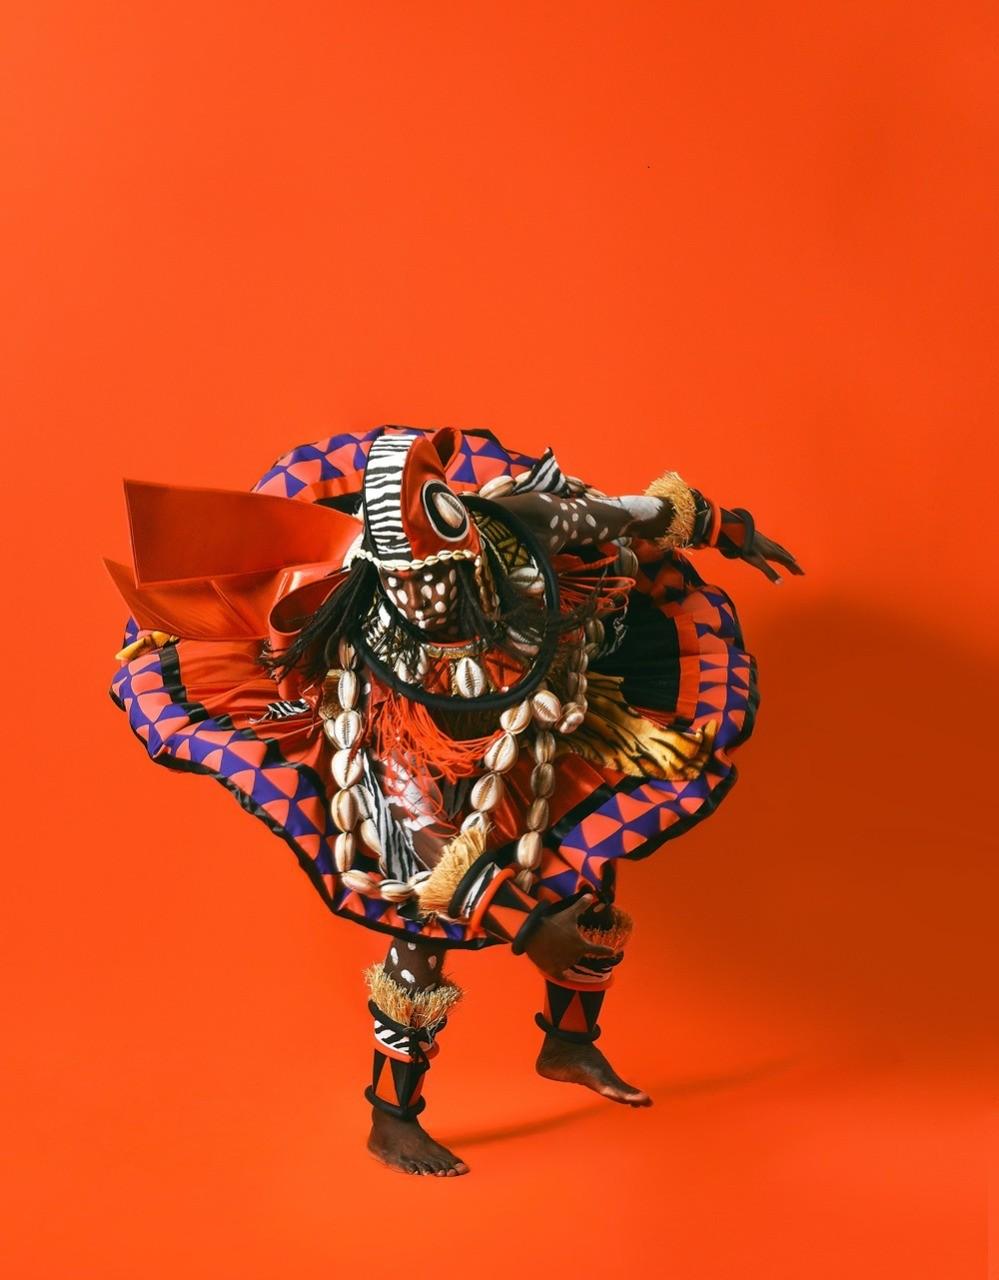 Império Serrano escolhe samba-enredo e divulga fantasias para o carnaval de 2021, que ainda não tem data marcada